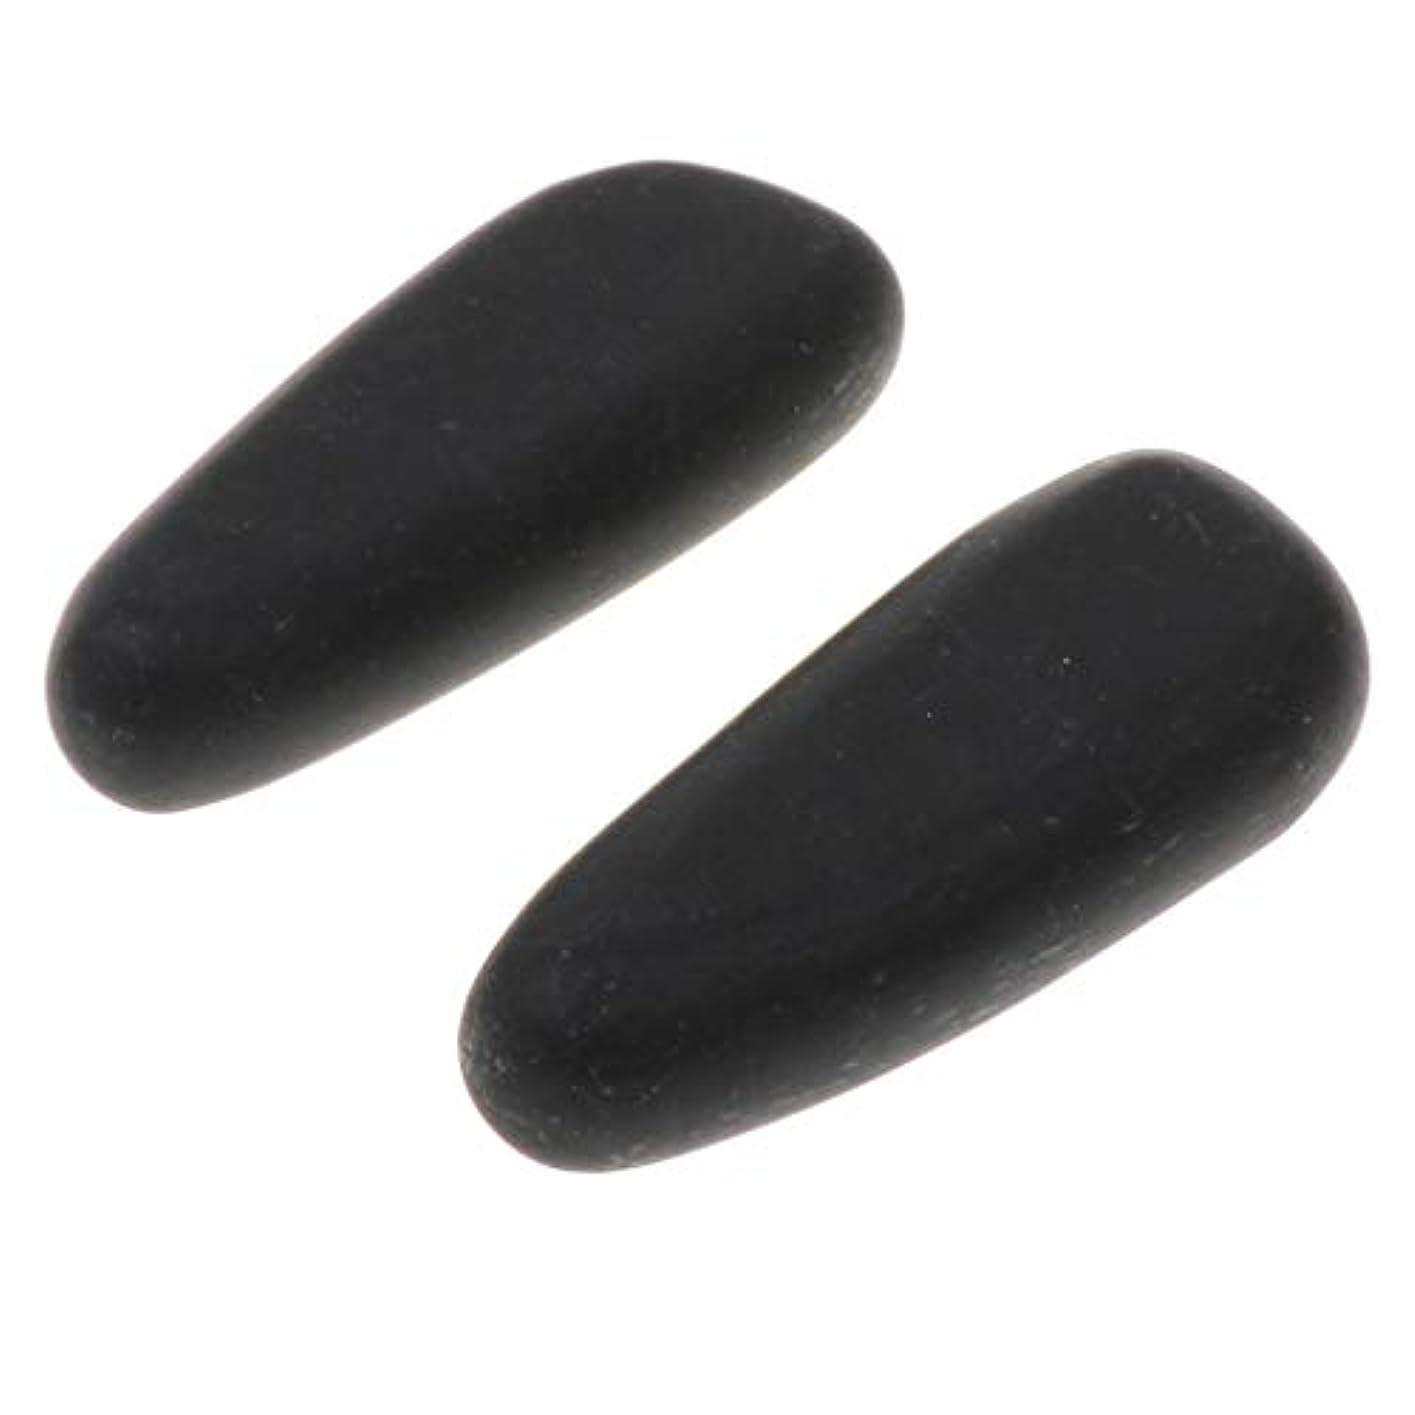 ホラーむしろもろいCUTICATE 天然石ホットストーン マッサージ用玄武岩 マッサージストーン ボディマッサージ 実用 2個 全2サイズ - 8×3.2×2cm